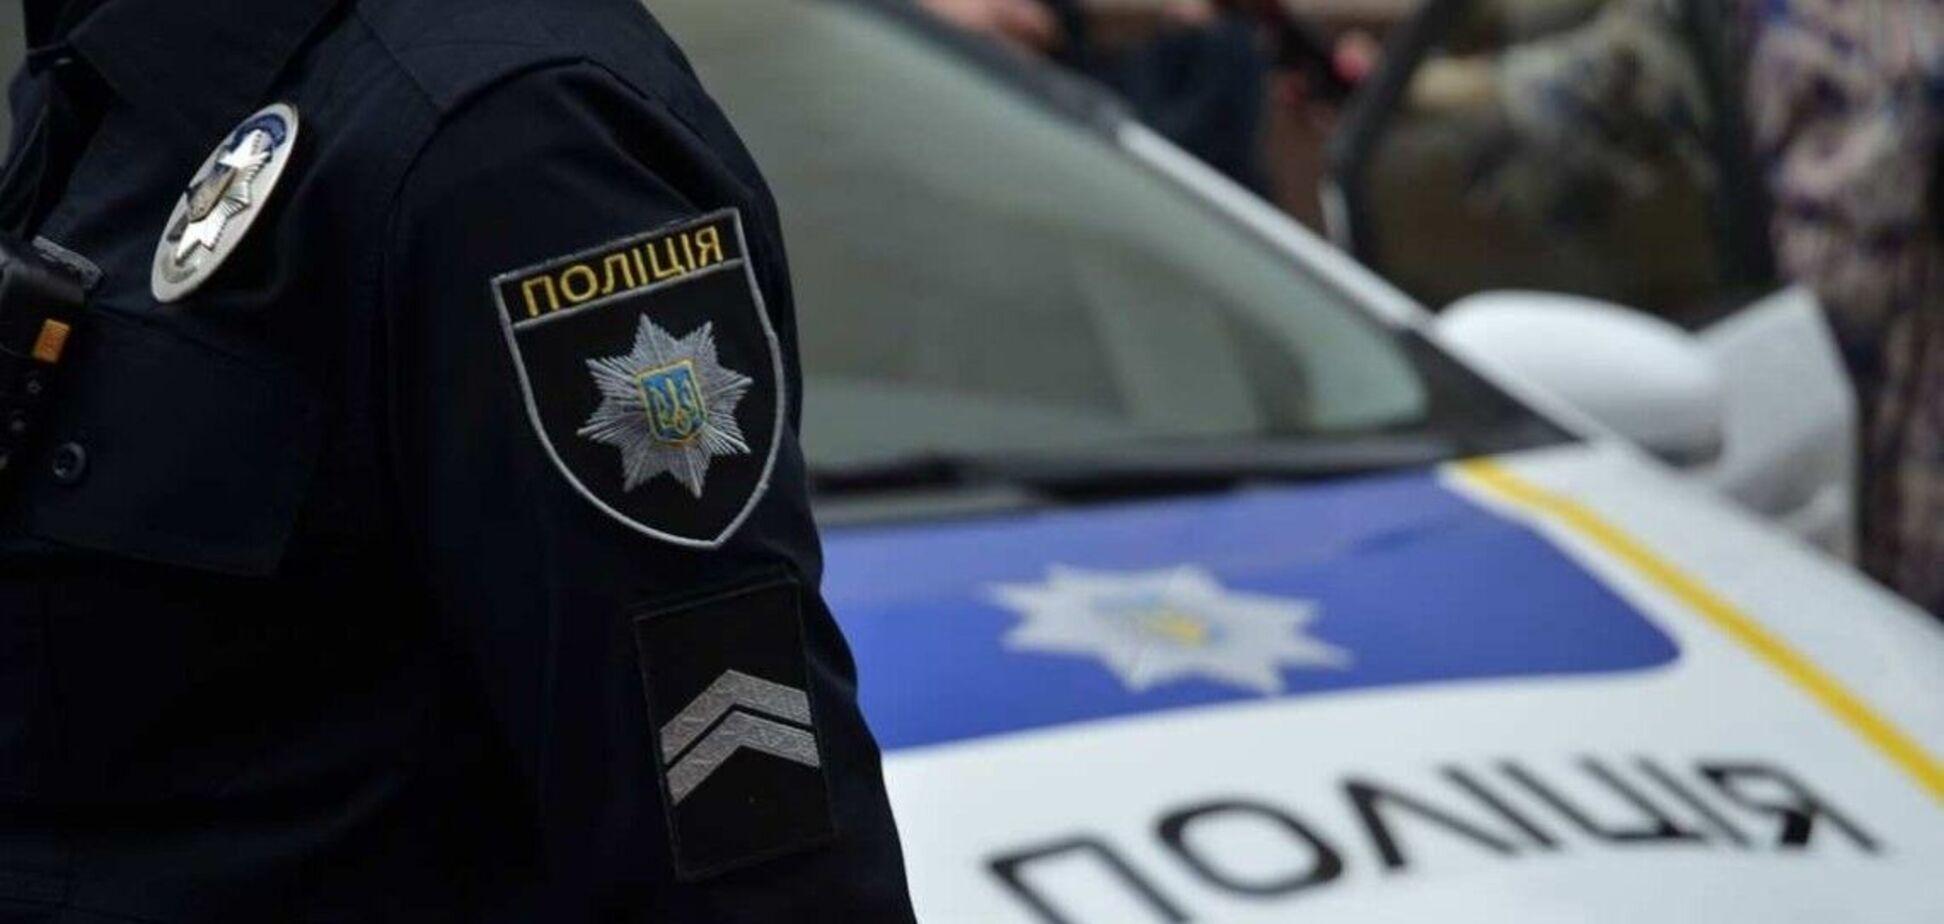 Полицейские прибыли на место конфликта со стрельбой в центре Киева